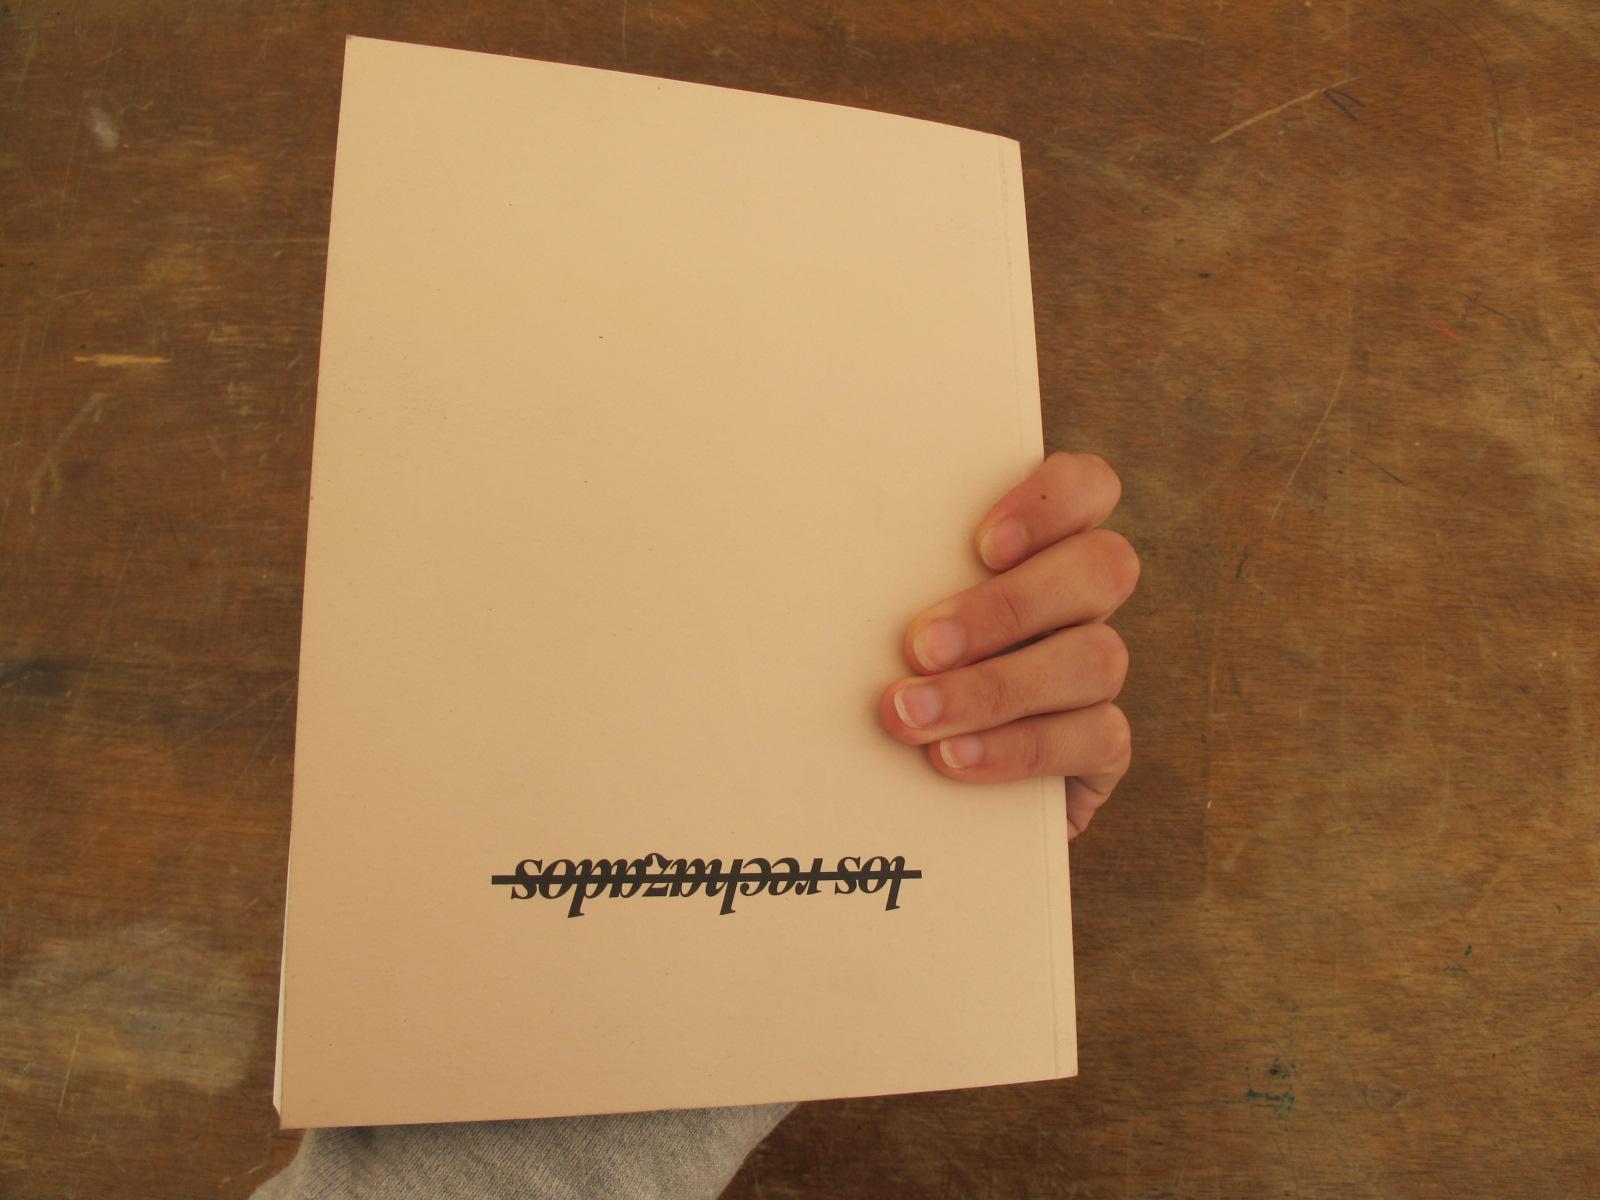 Los rechazados (llibre) 021